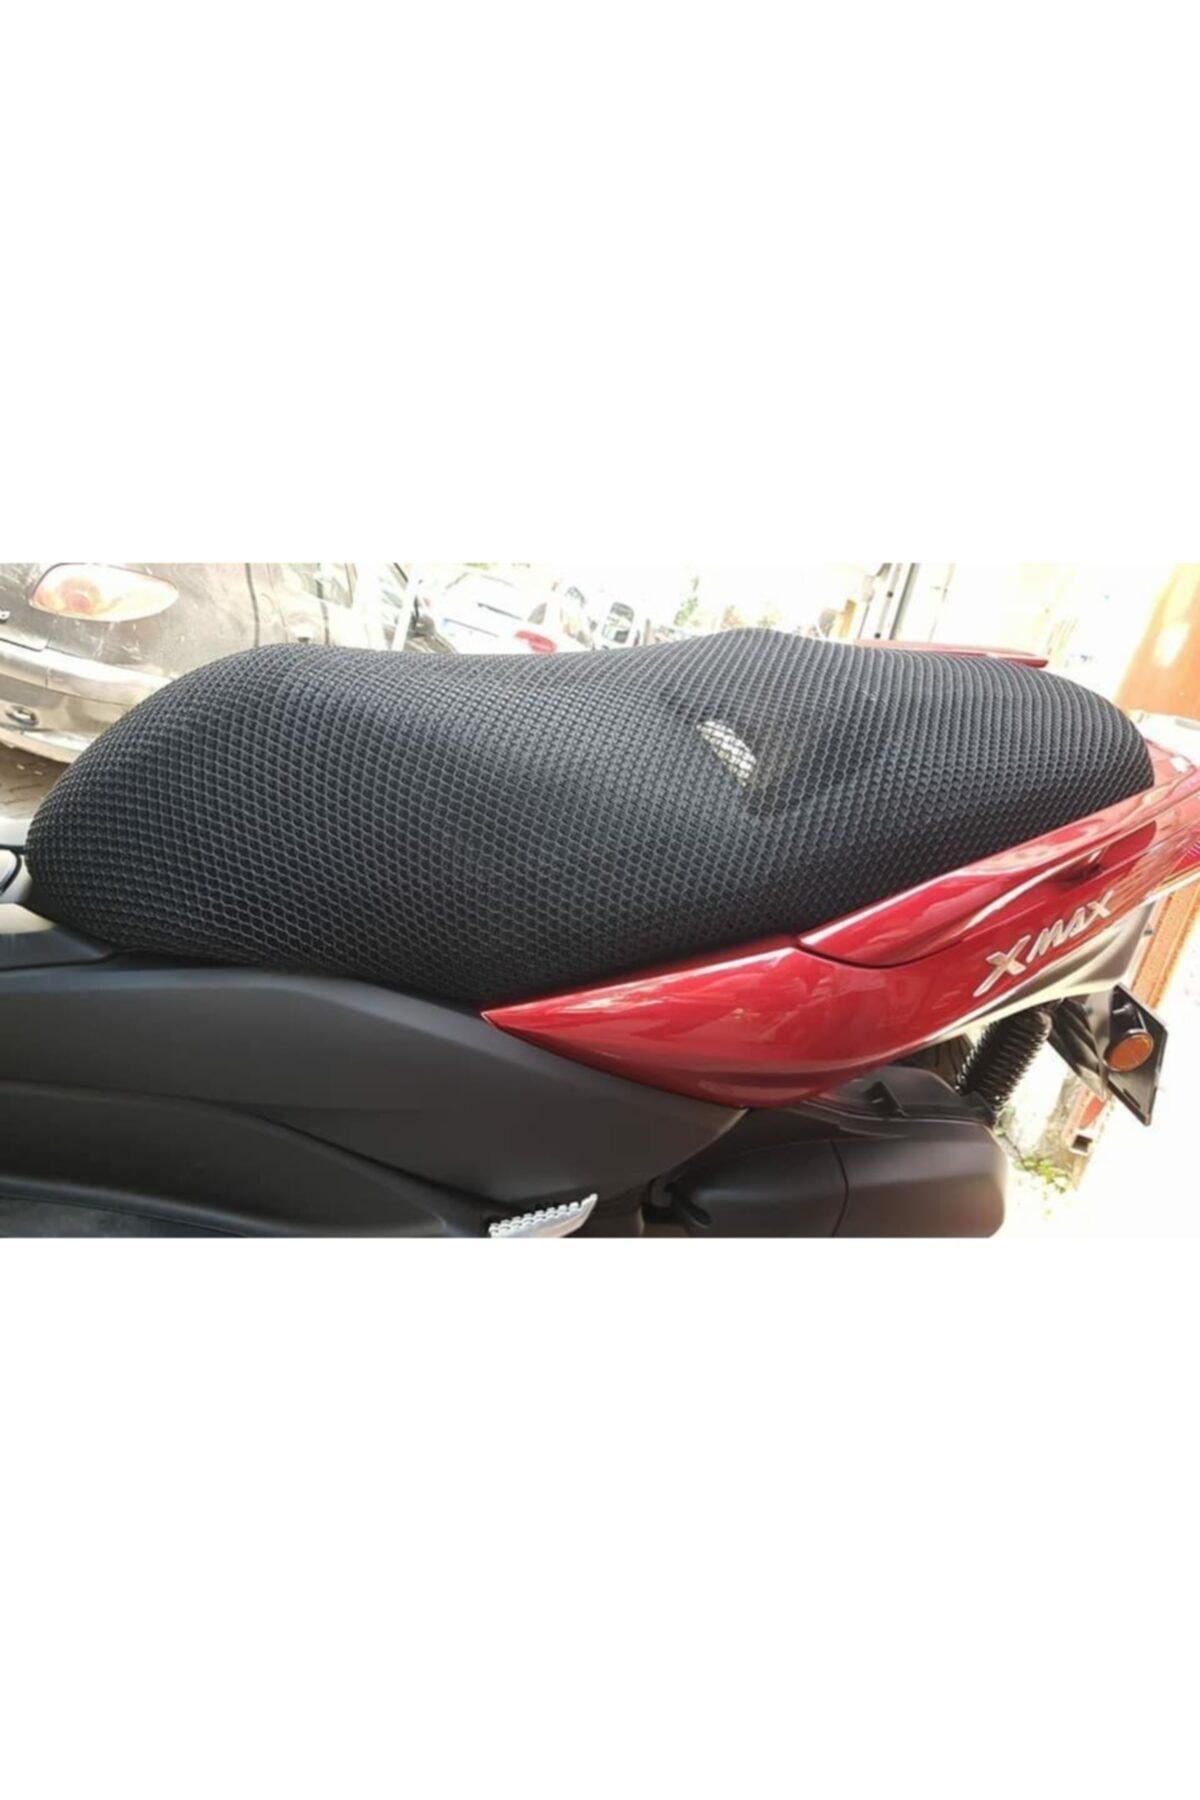 Motosiklet Sele Kılıfı Xmax Nmax Siyah